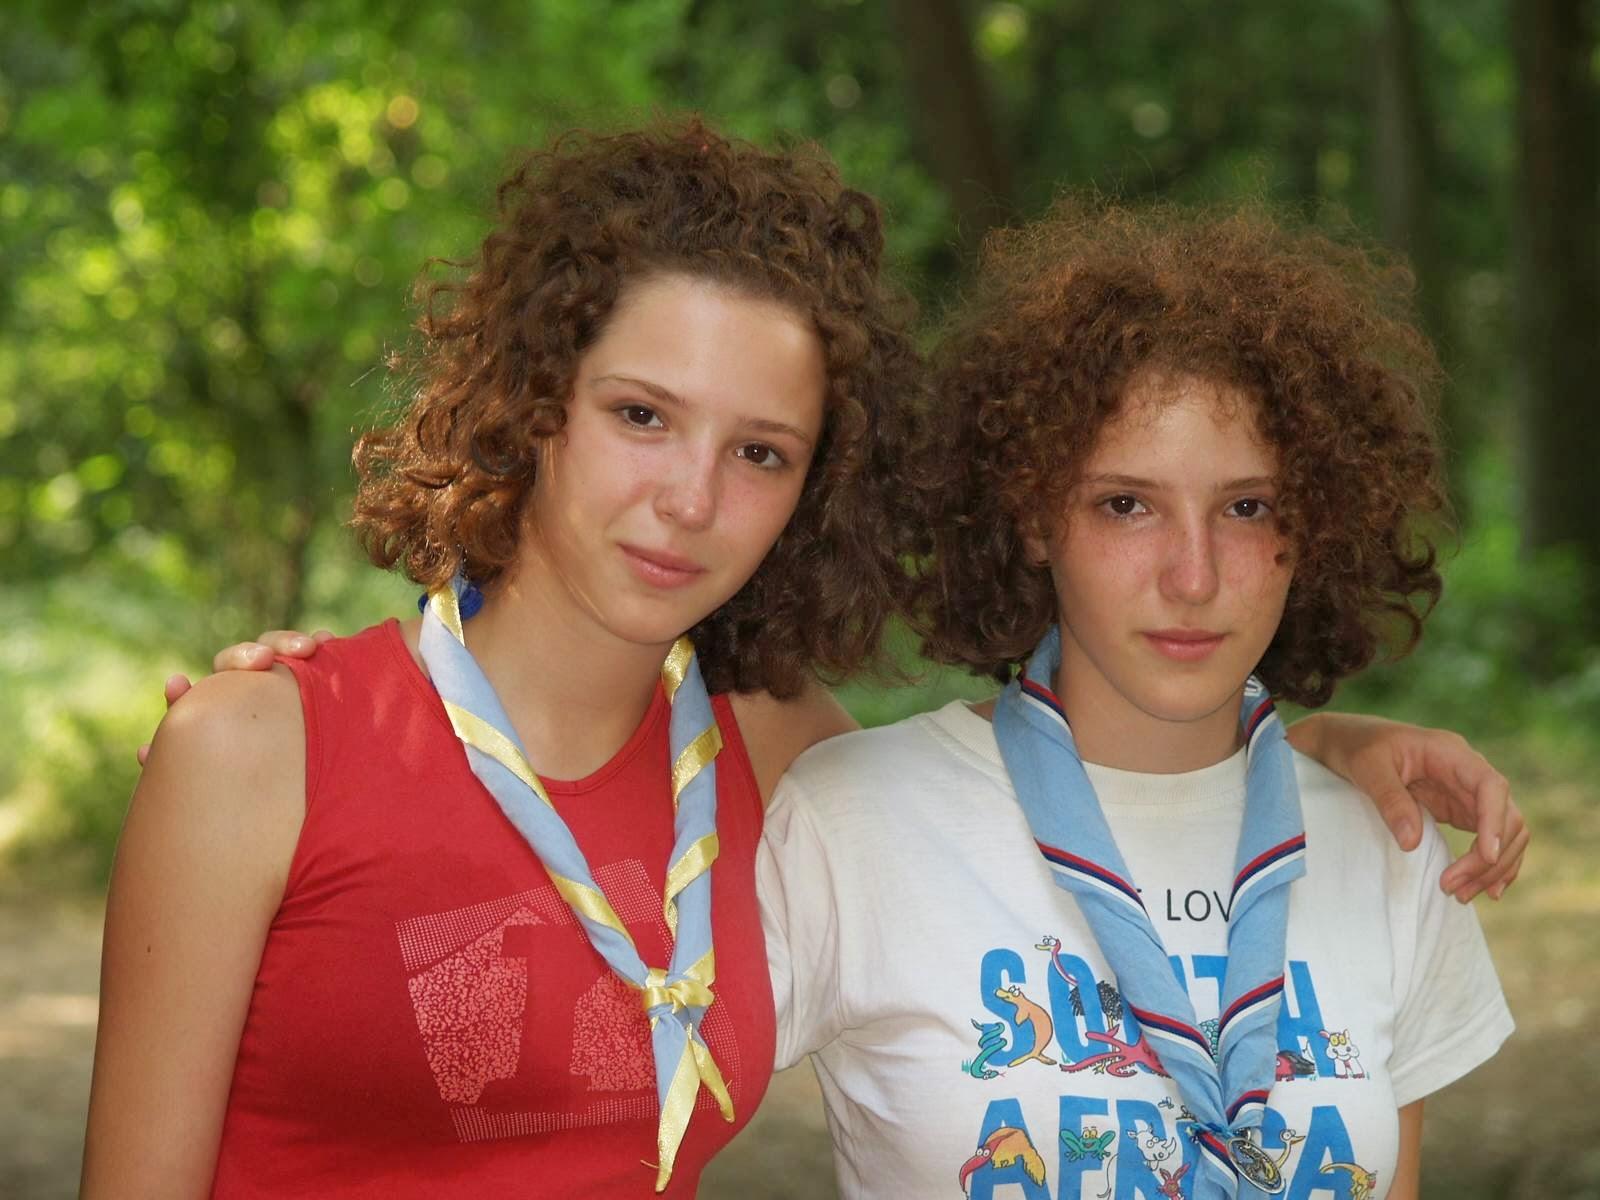 Smotra, Smotra 2006 - P0302696.JPG